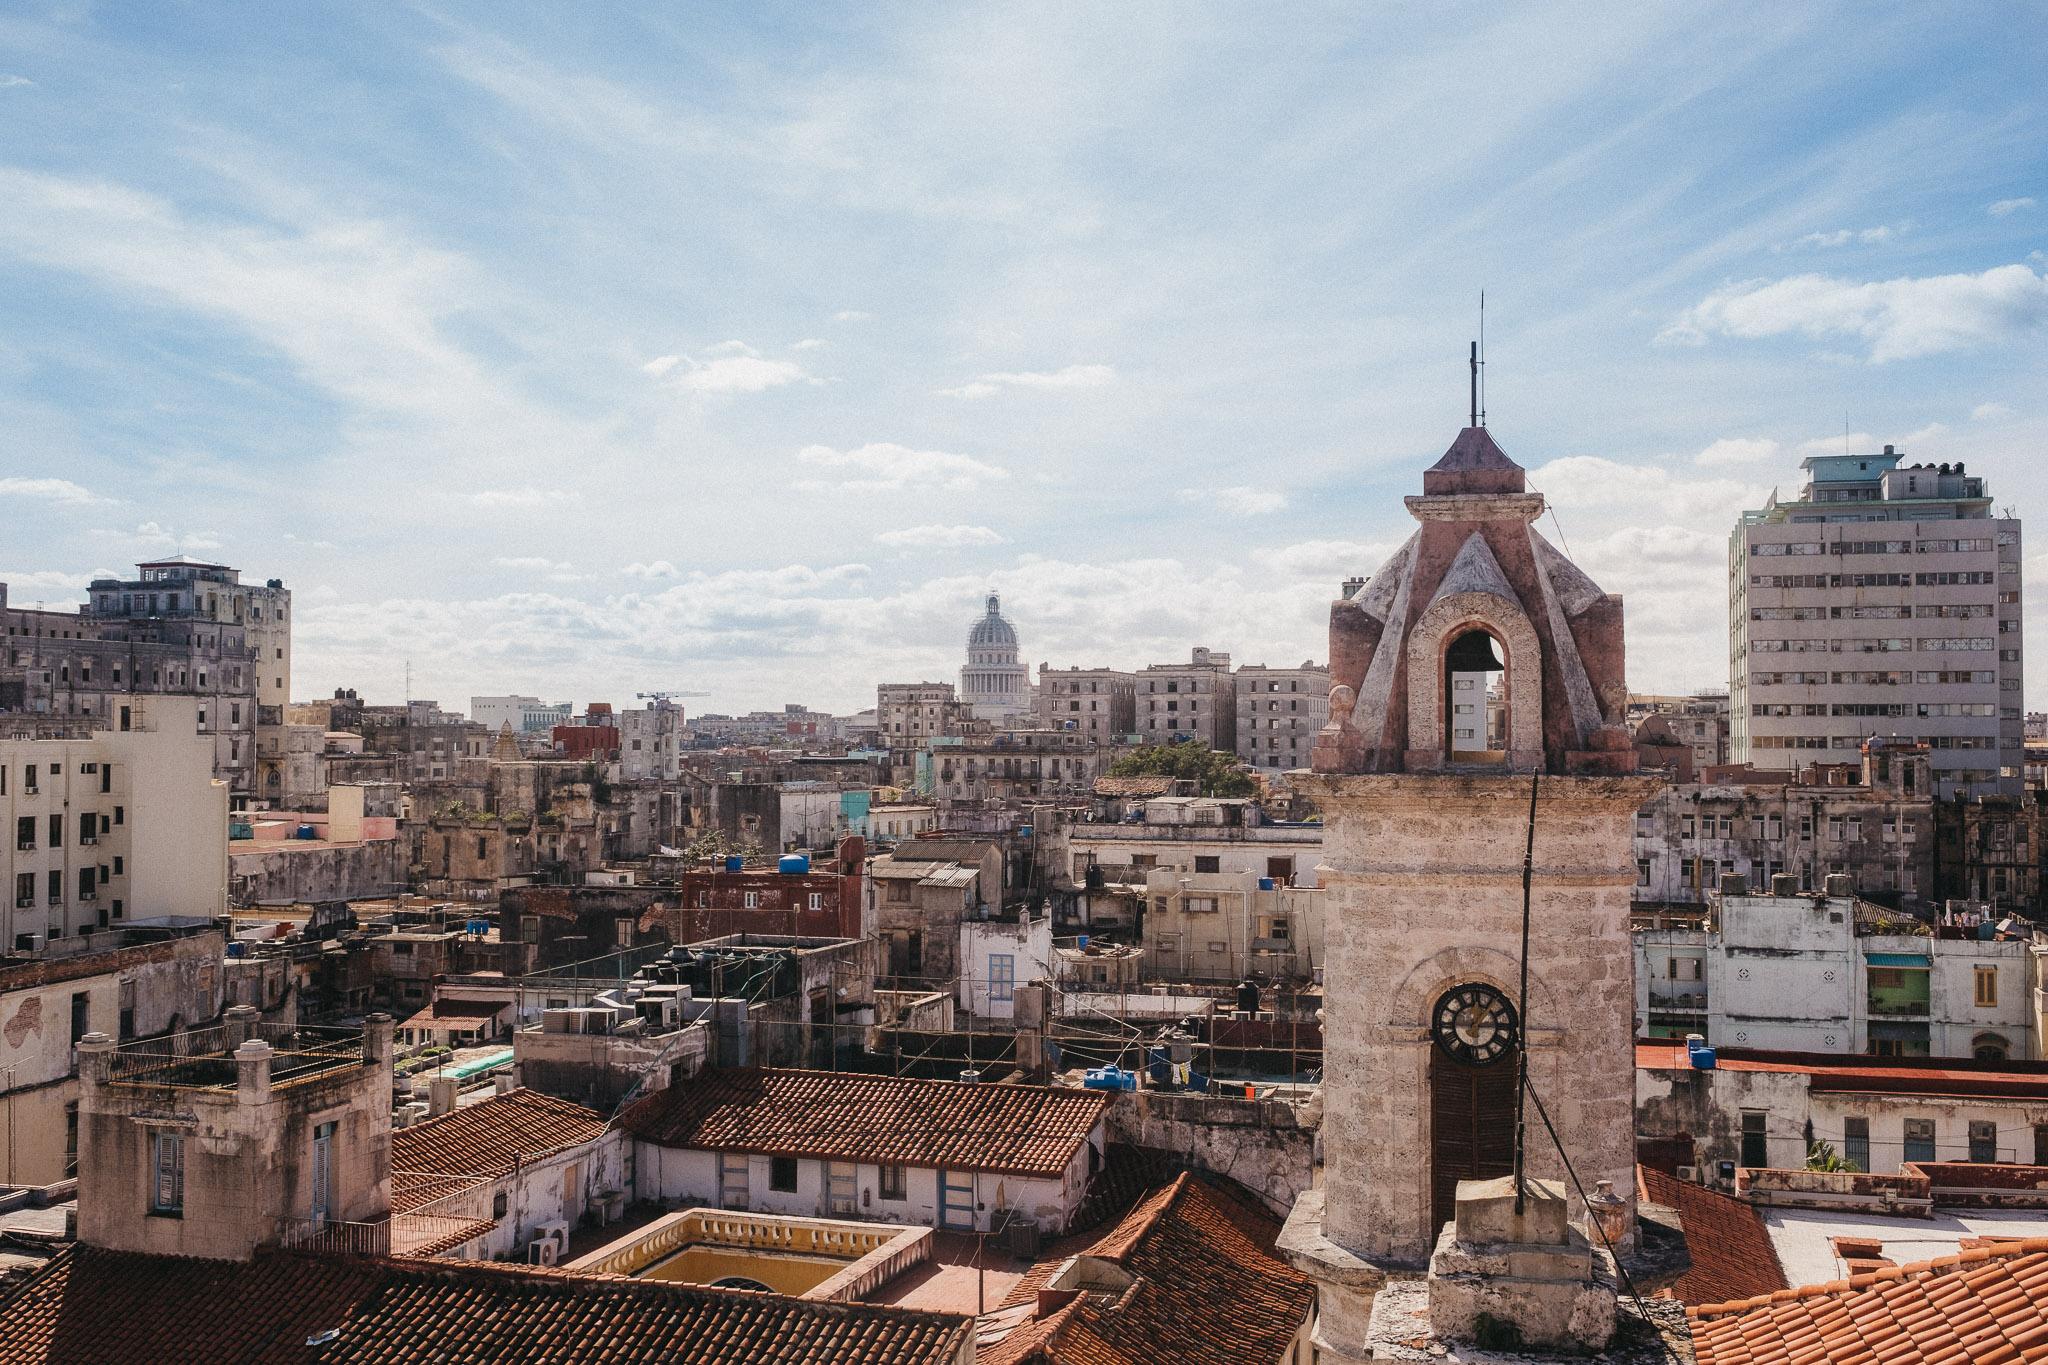 Cuba-2017-12-Havana-0774.jpg